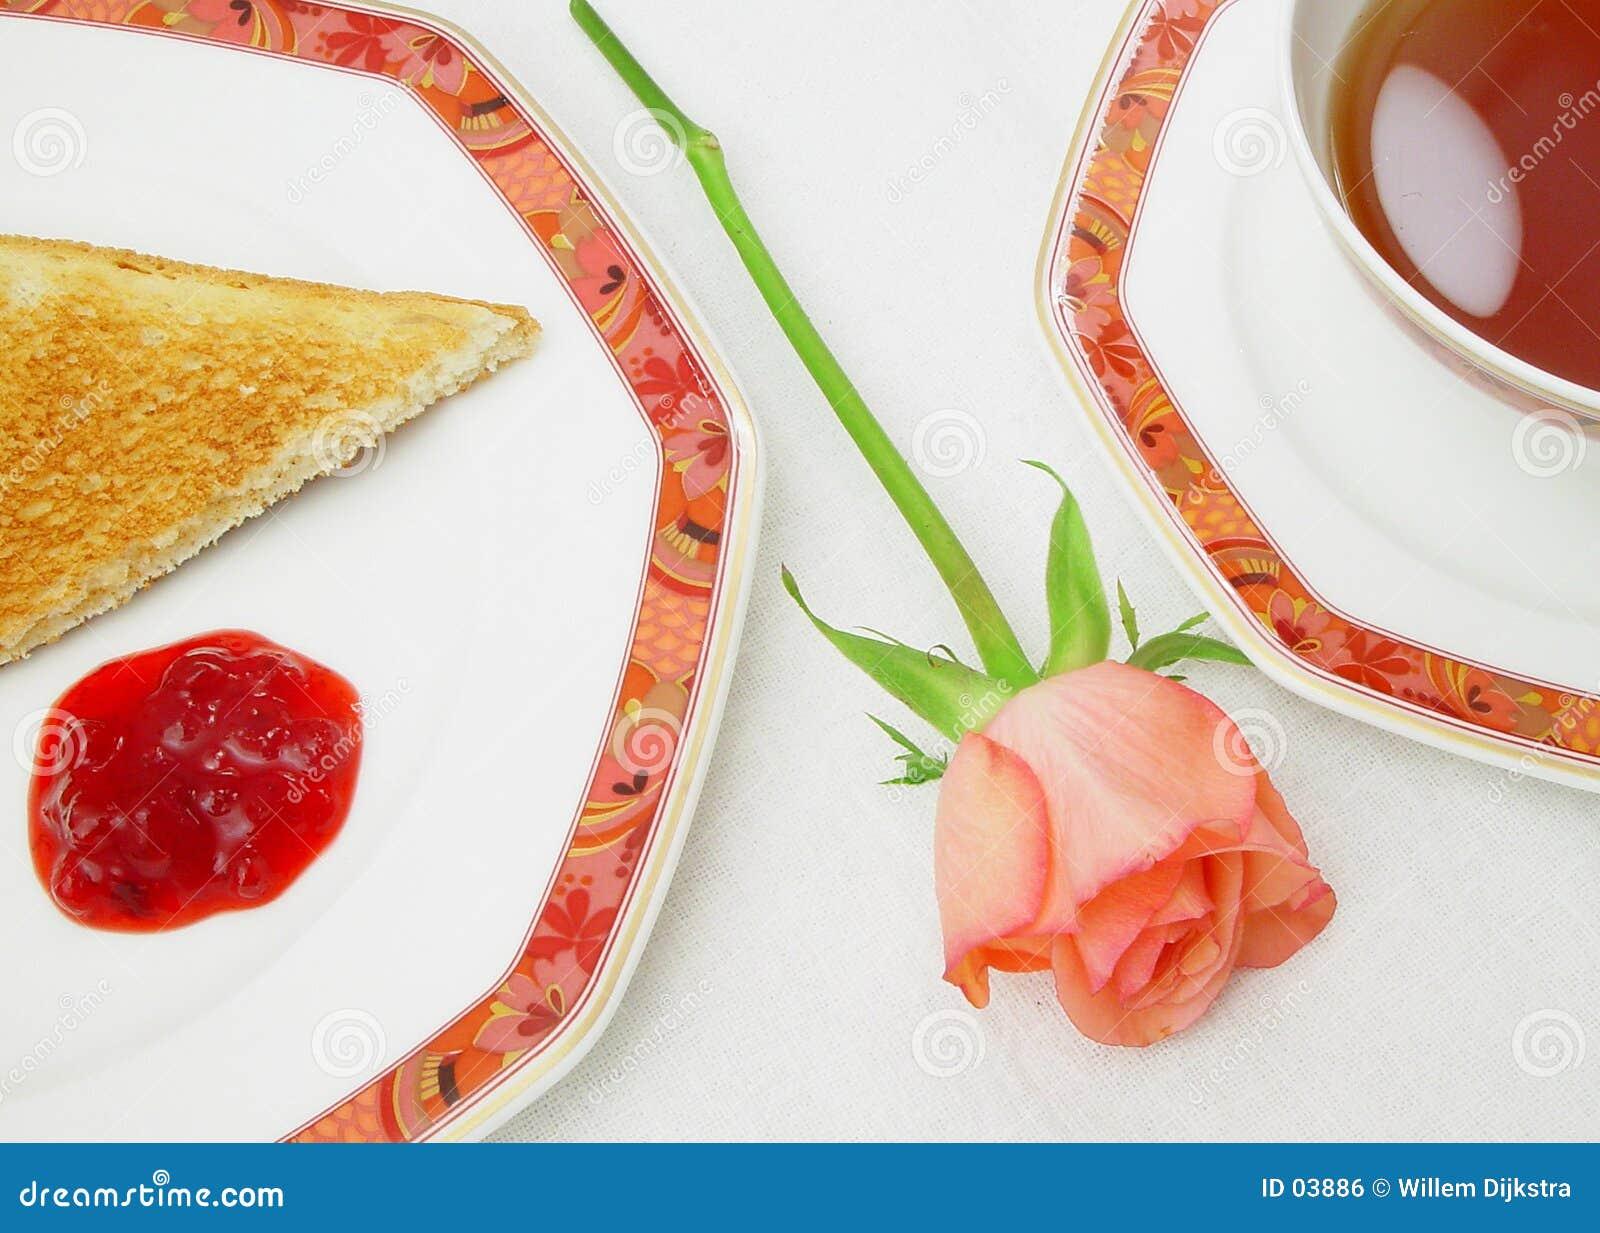 Breakfast my dear ?